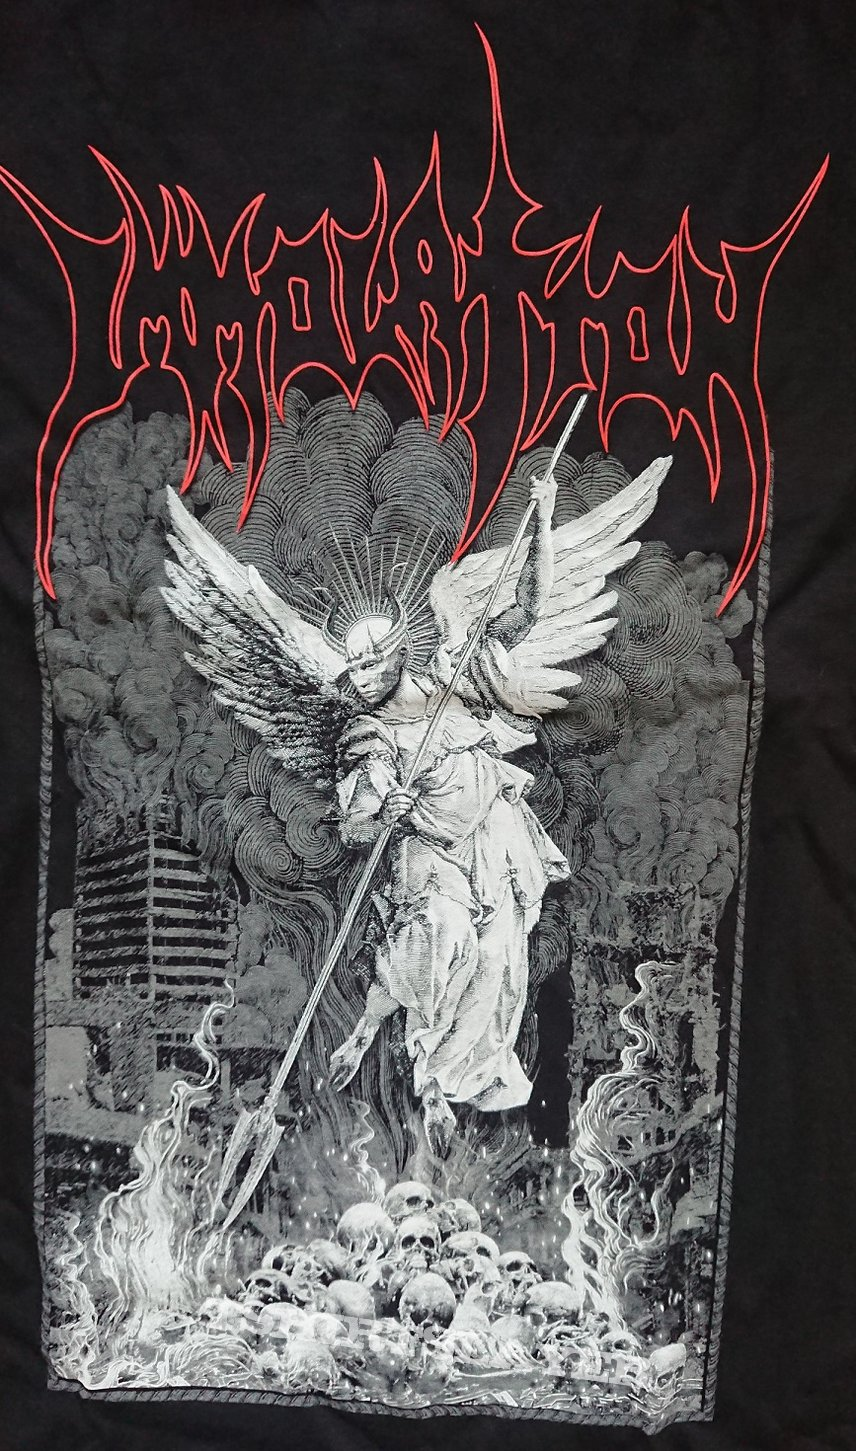 Immolation tshirt